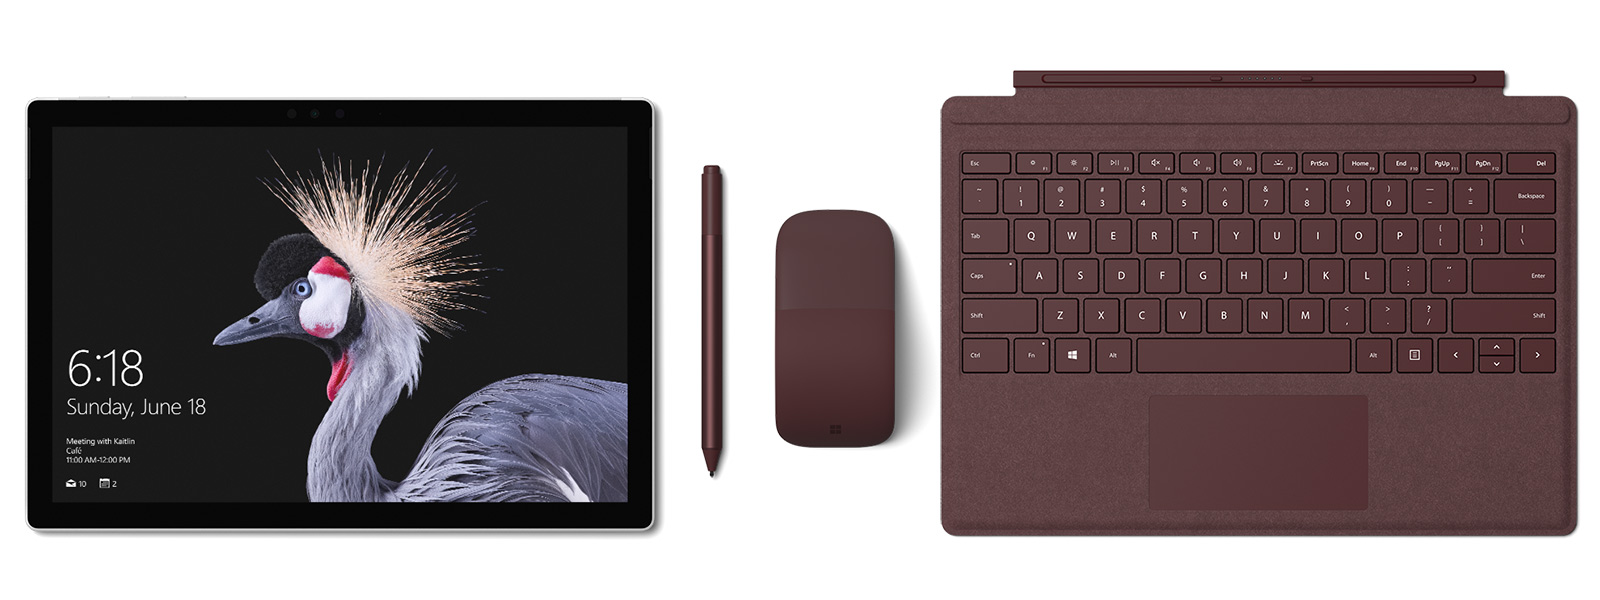 Image de SurfacePro avec le clavier SurfacePro Signature Type Cover, le stylet Surface et la souris Surface Arc Mouse couleur bordeaux. Avec le stylet Surface.